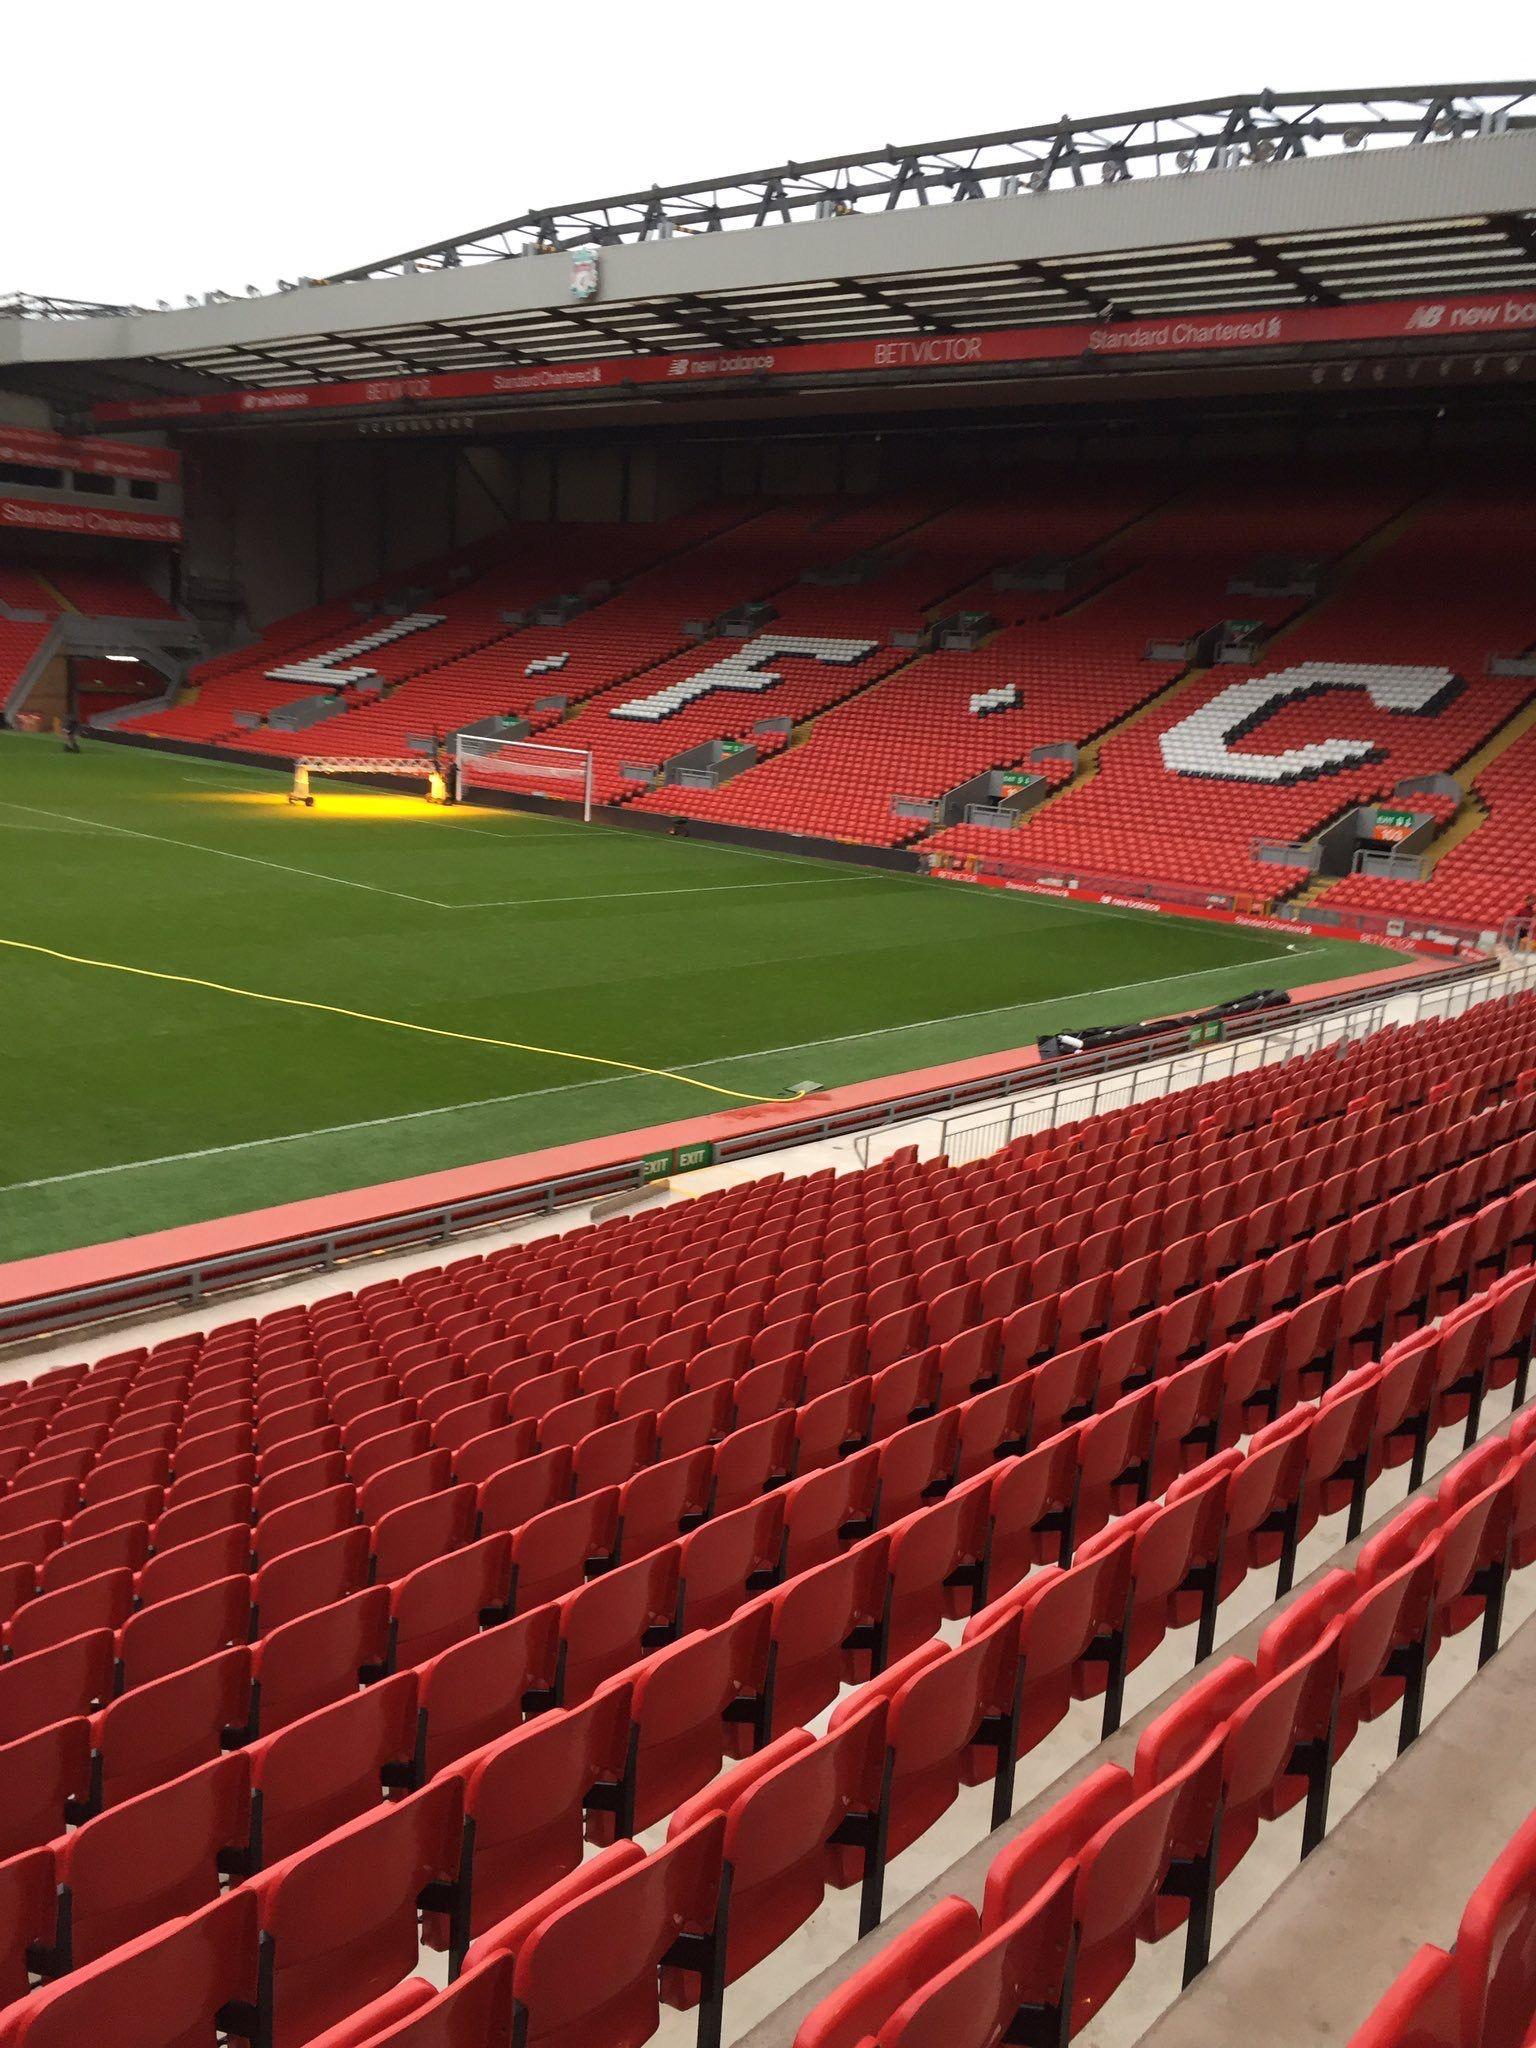 Pin on Liverpool FC YNWA